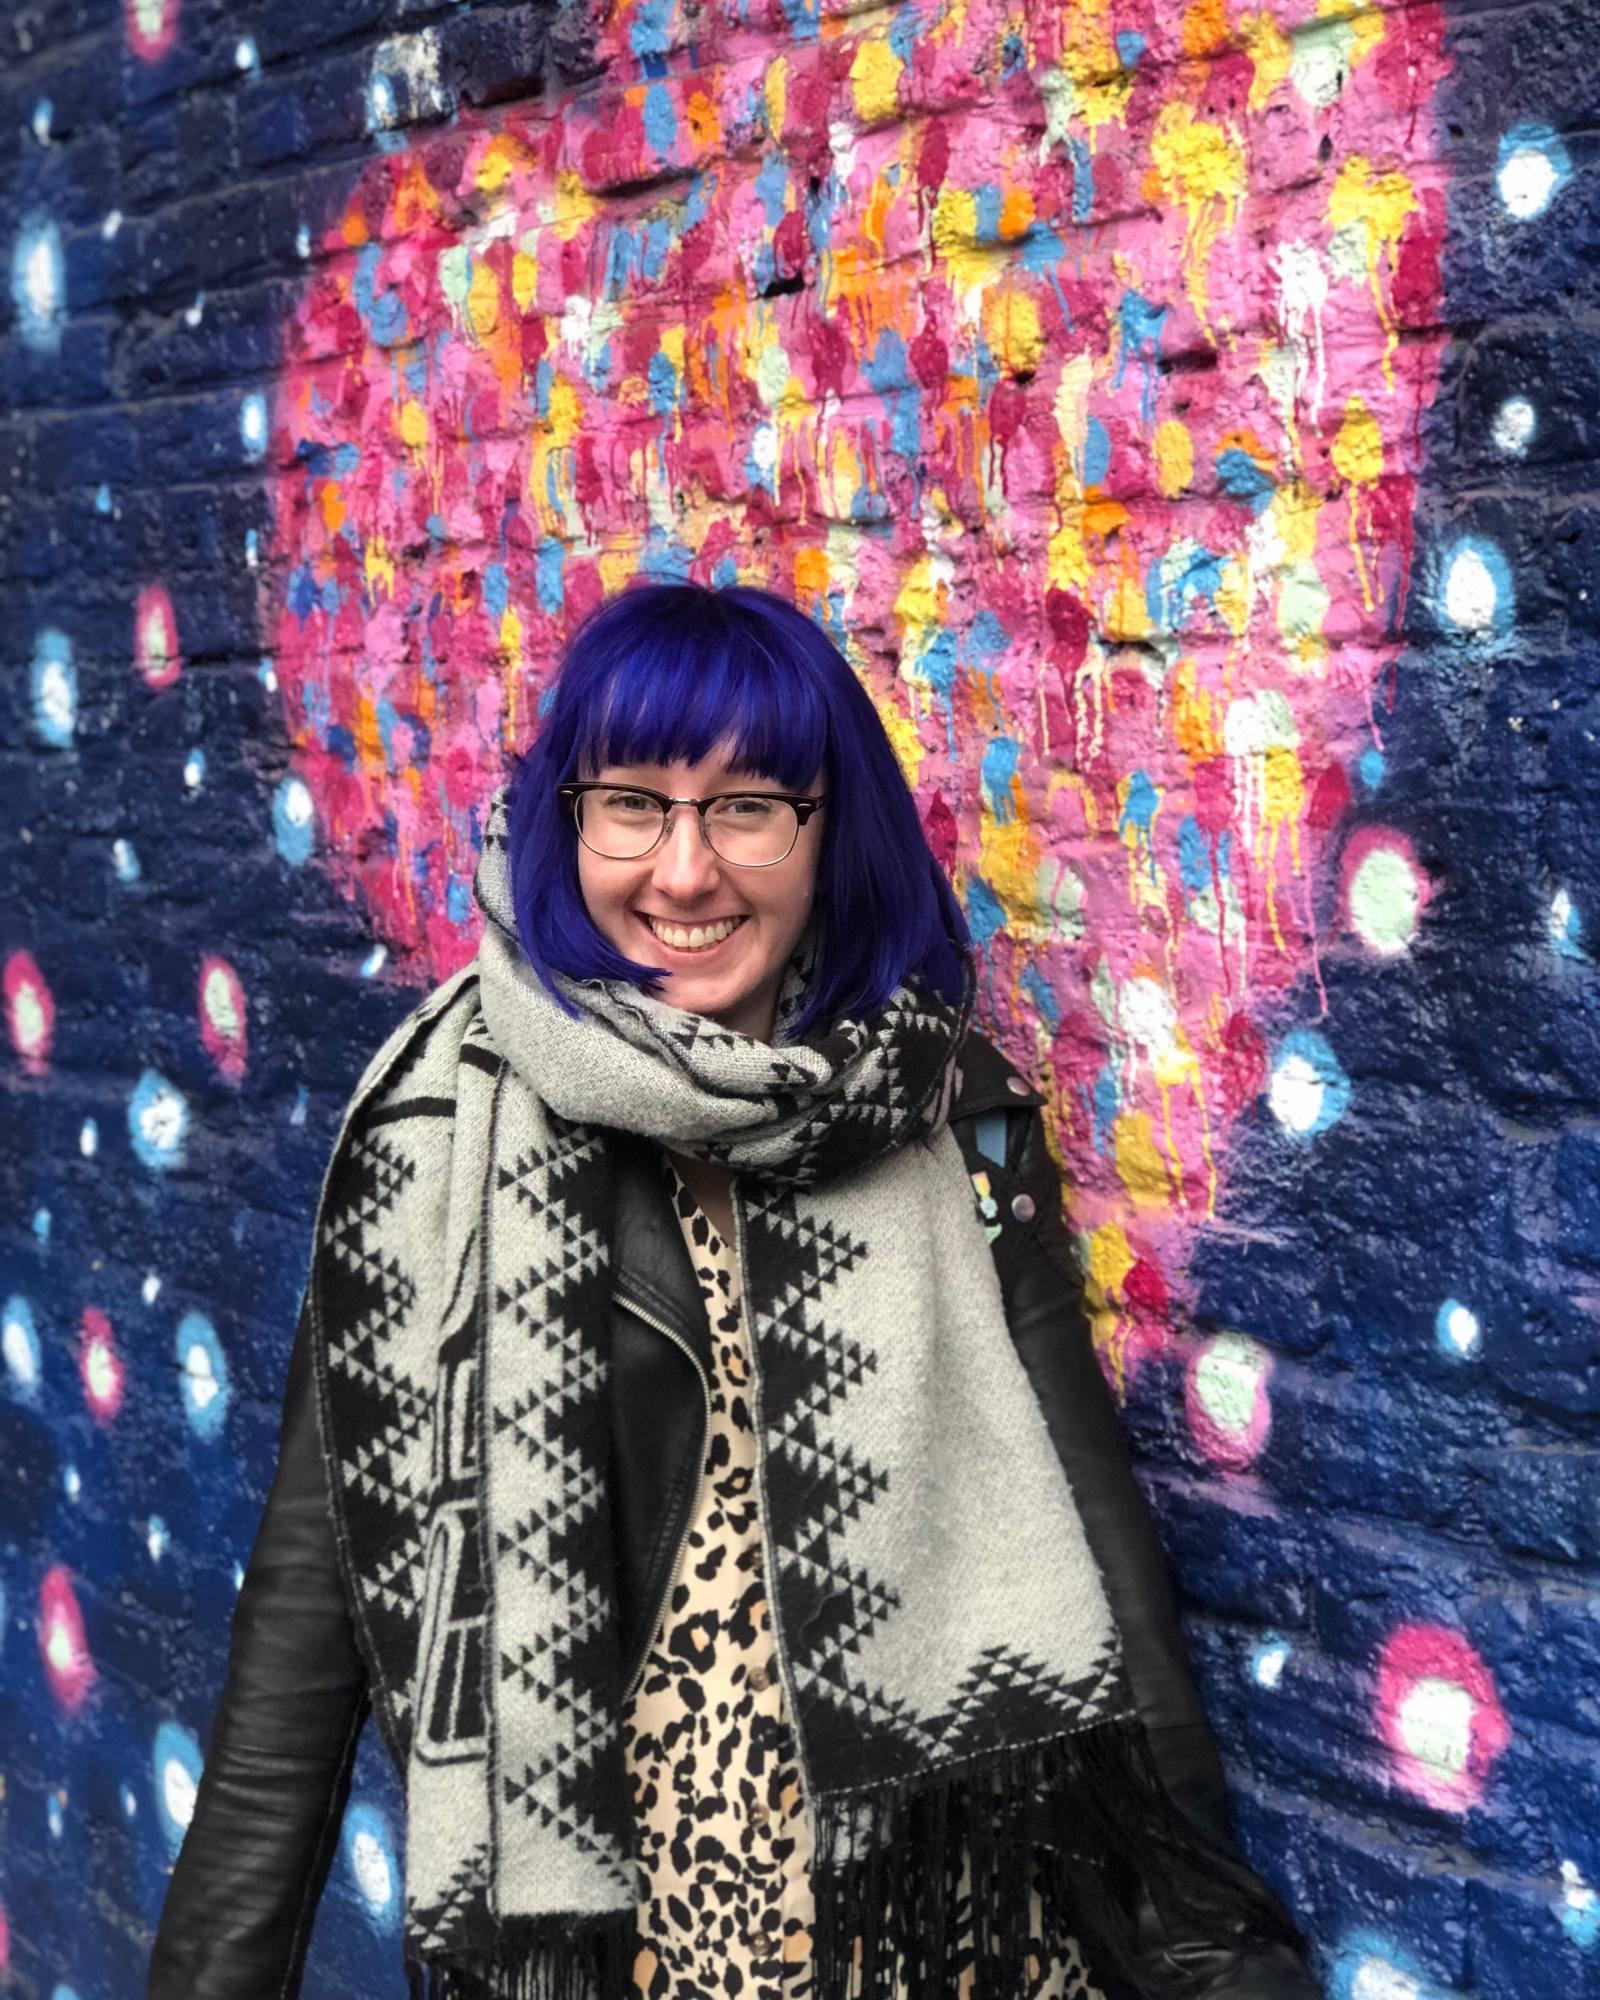 blue hair in London against graffiti